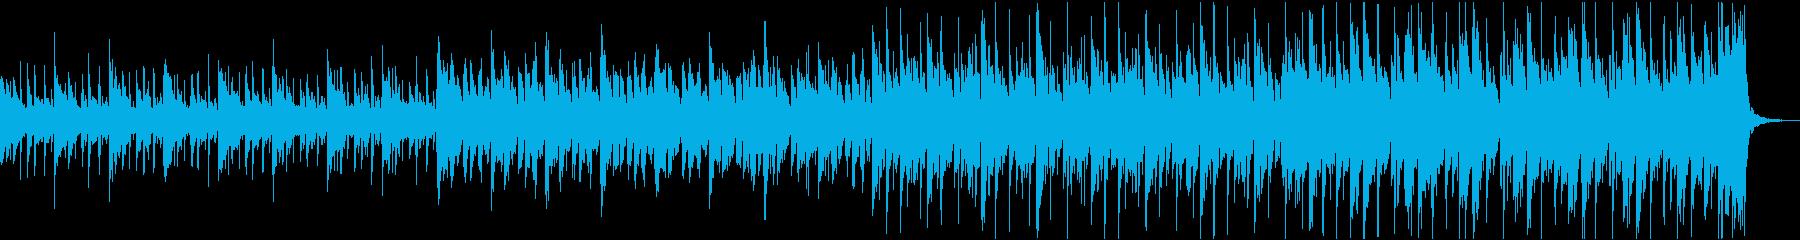 壮大シネマティックエピックトレーラーbの再生済みの波形